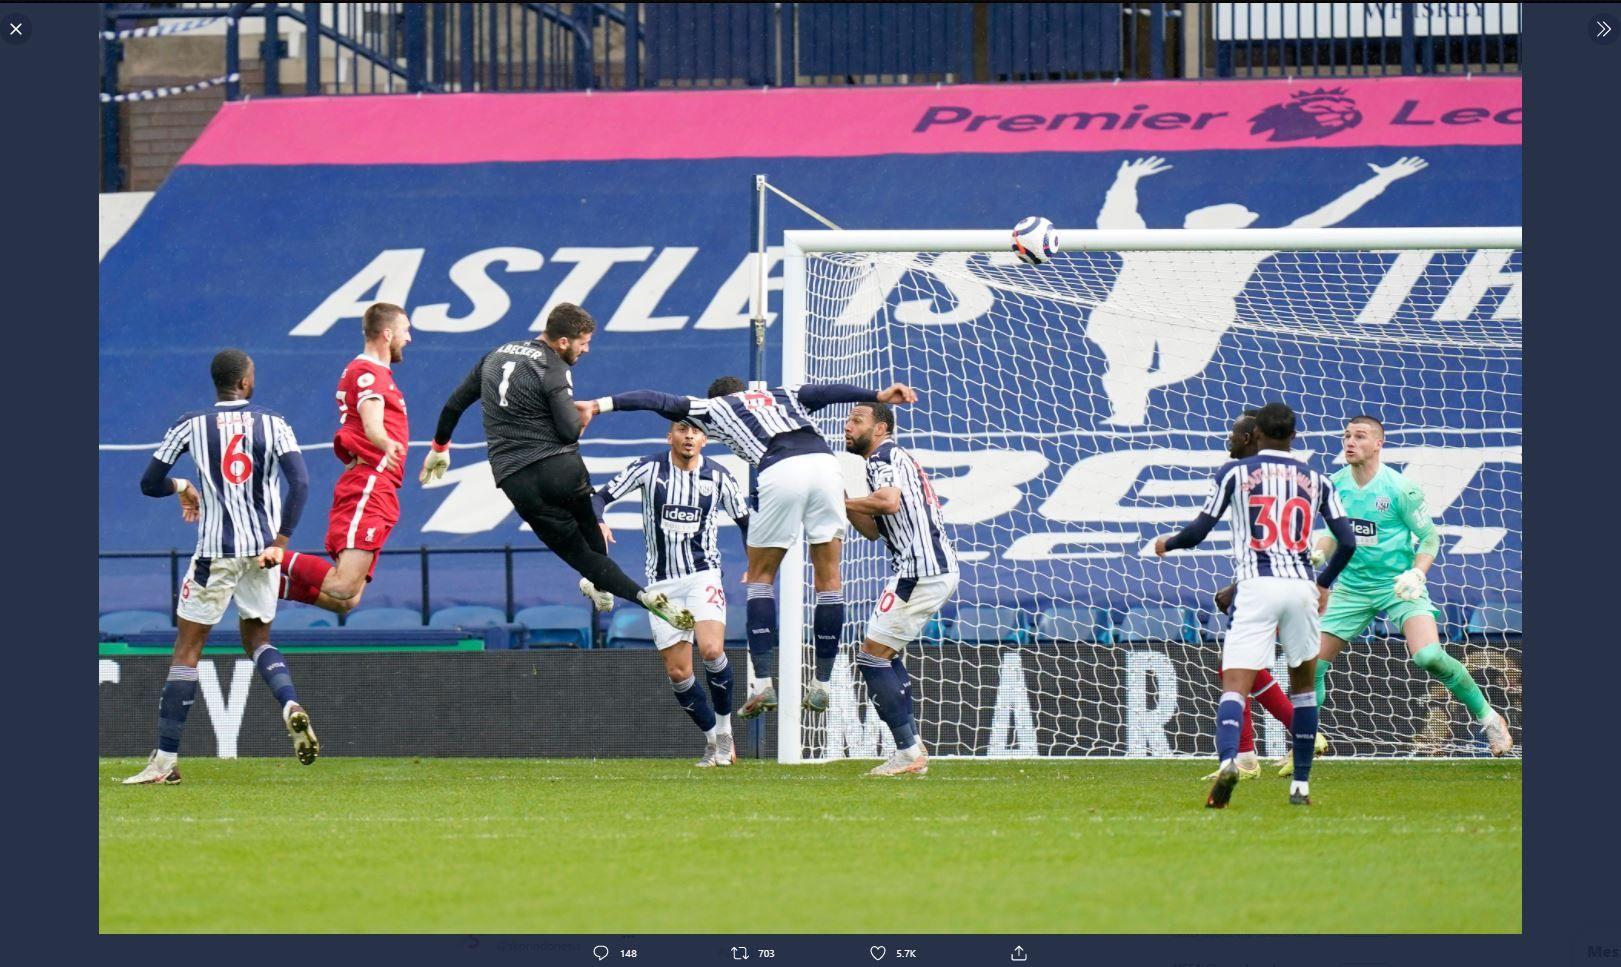 Penjaga gawang Liverpool, Alisson Becker, mencetak gol ke gawang West Bromwich Albion di Liga Inggris.